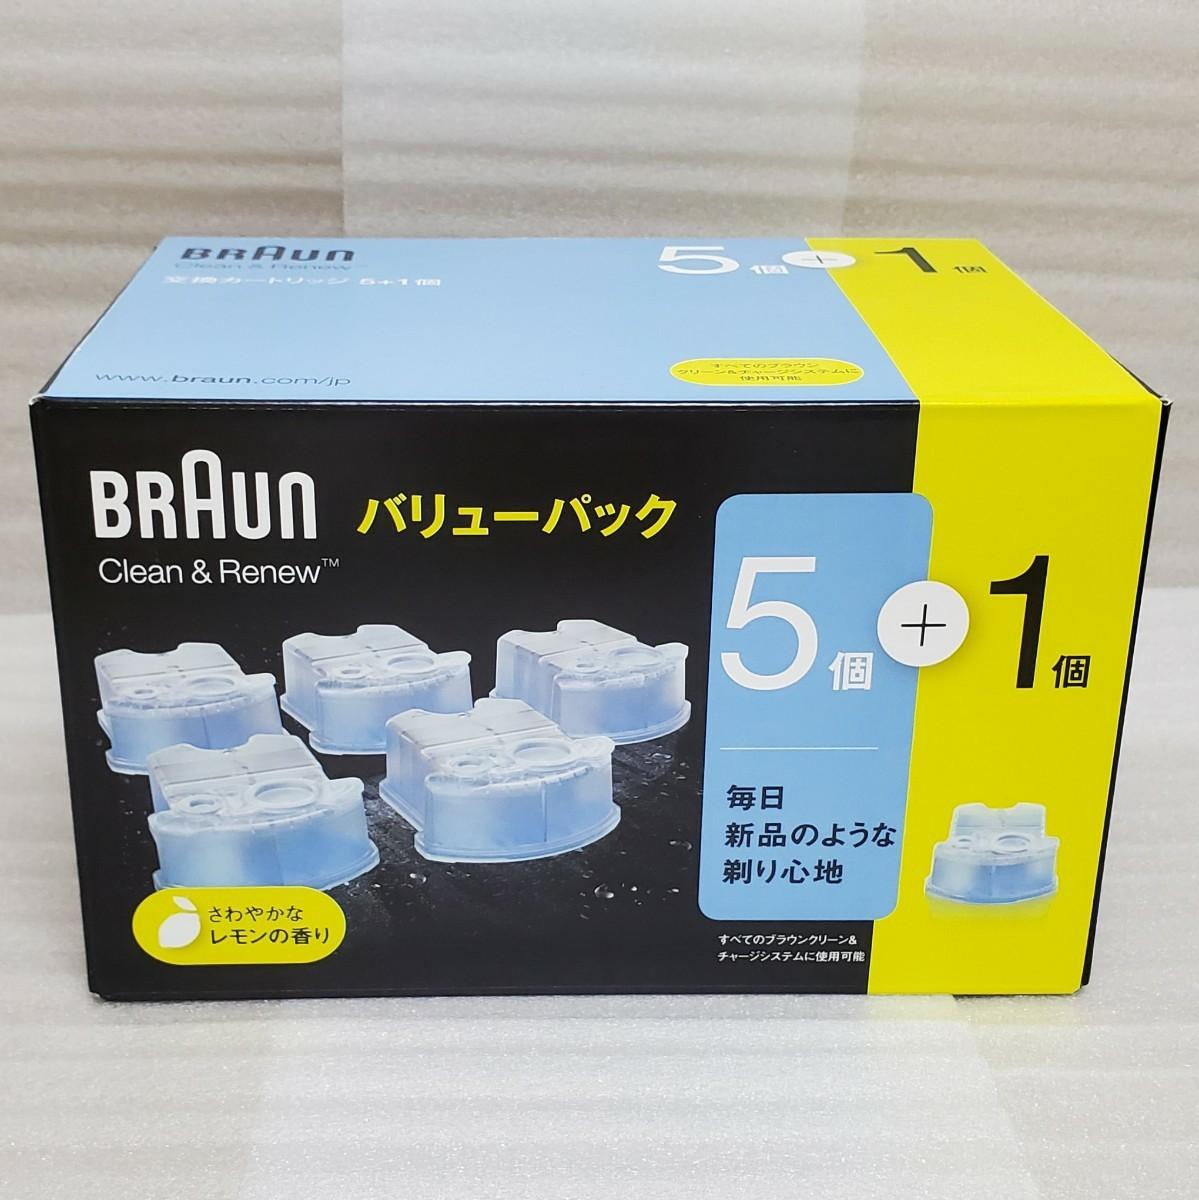 BRAUN ブラウン クリーン&リニューシステム専用 洗浄液 カートリッジ CCR5CR 5個+1個